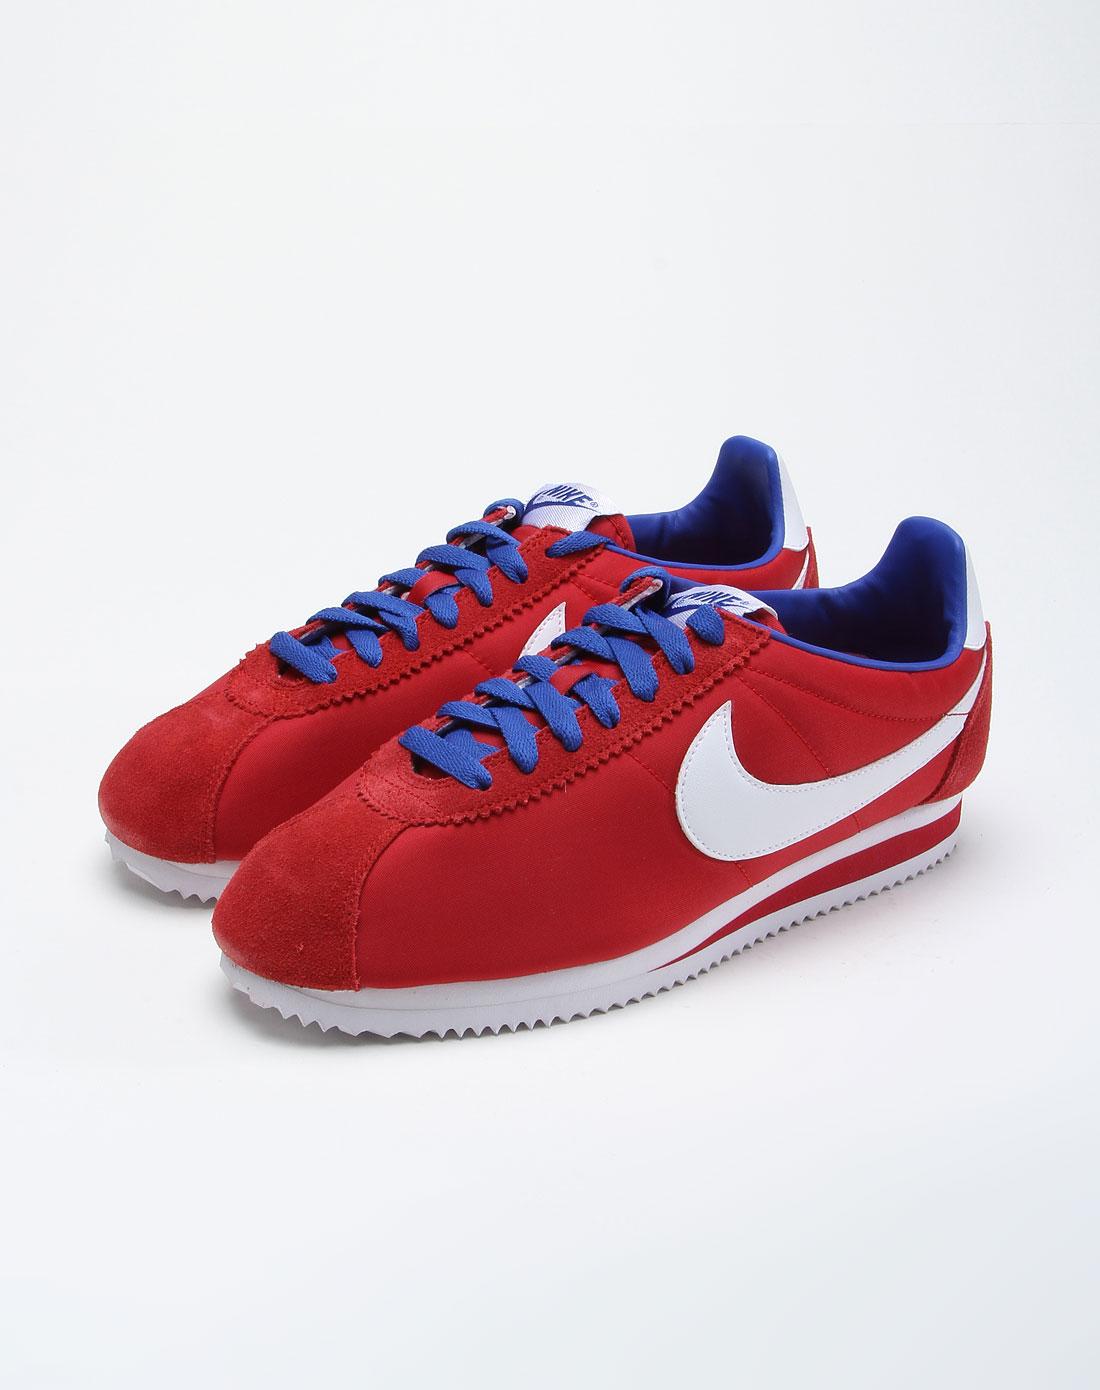 红色耐克鞋子搭配